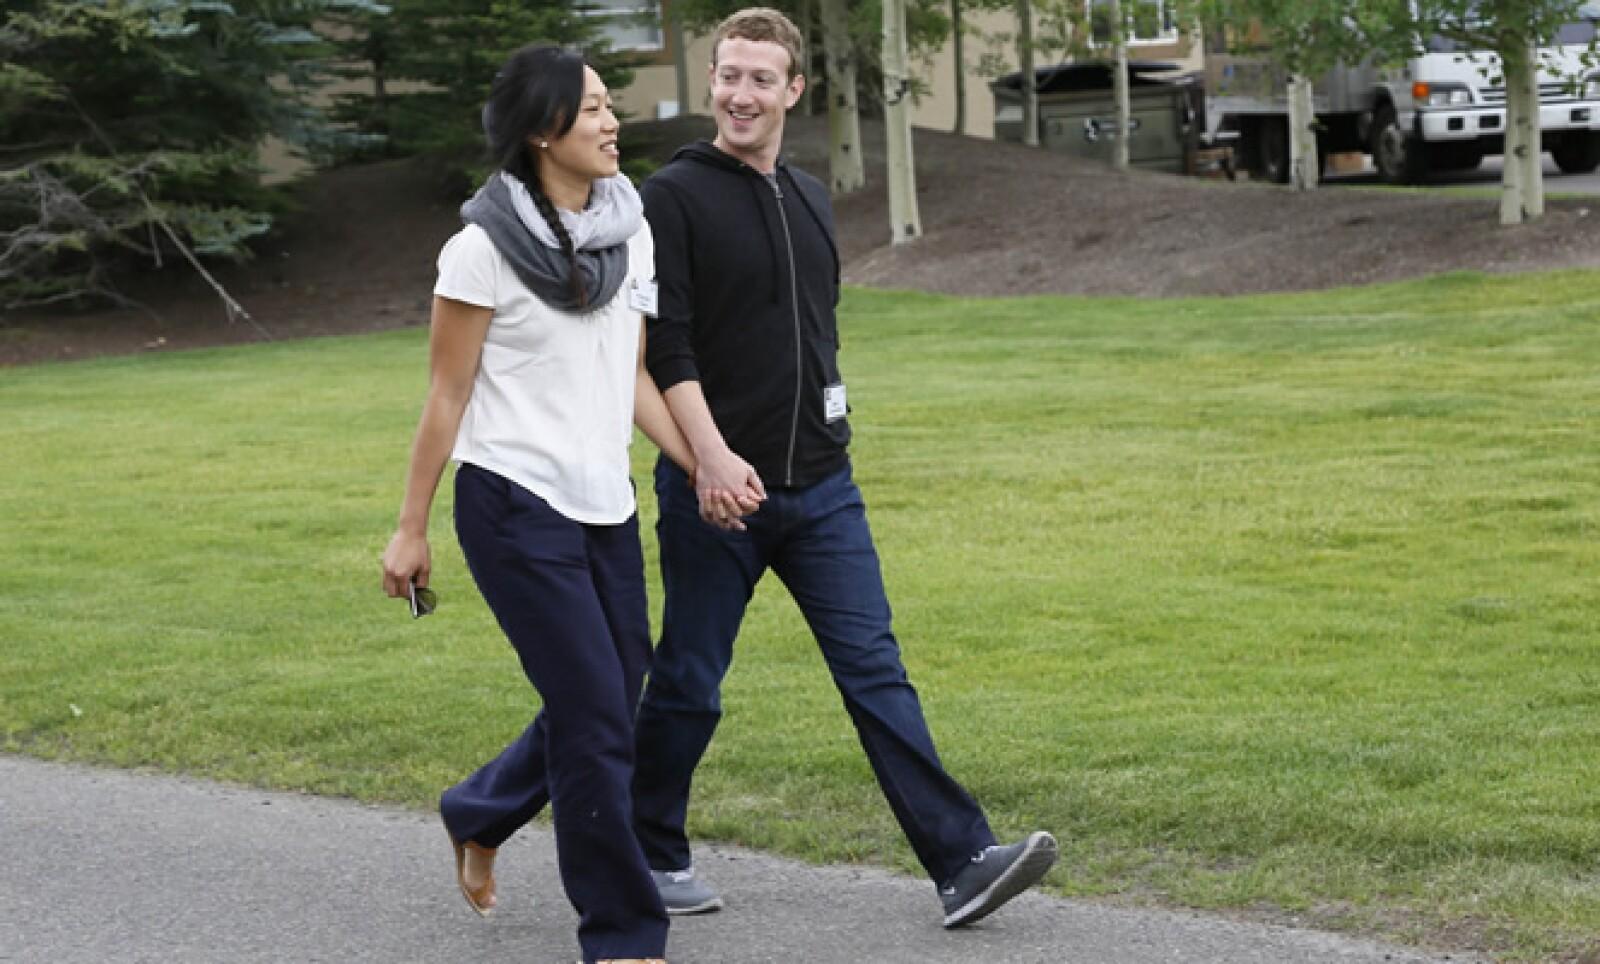 El fundador de Facebook, Mark Zuckerberg, arribó al encuentro empresarial con su esposa Priscilla Chan.